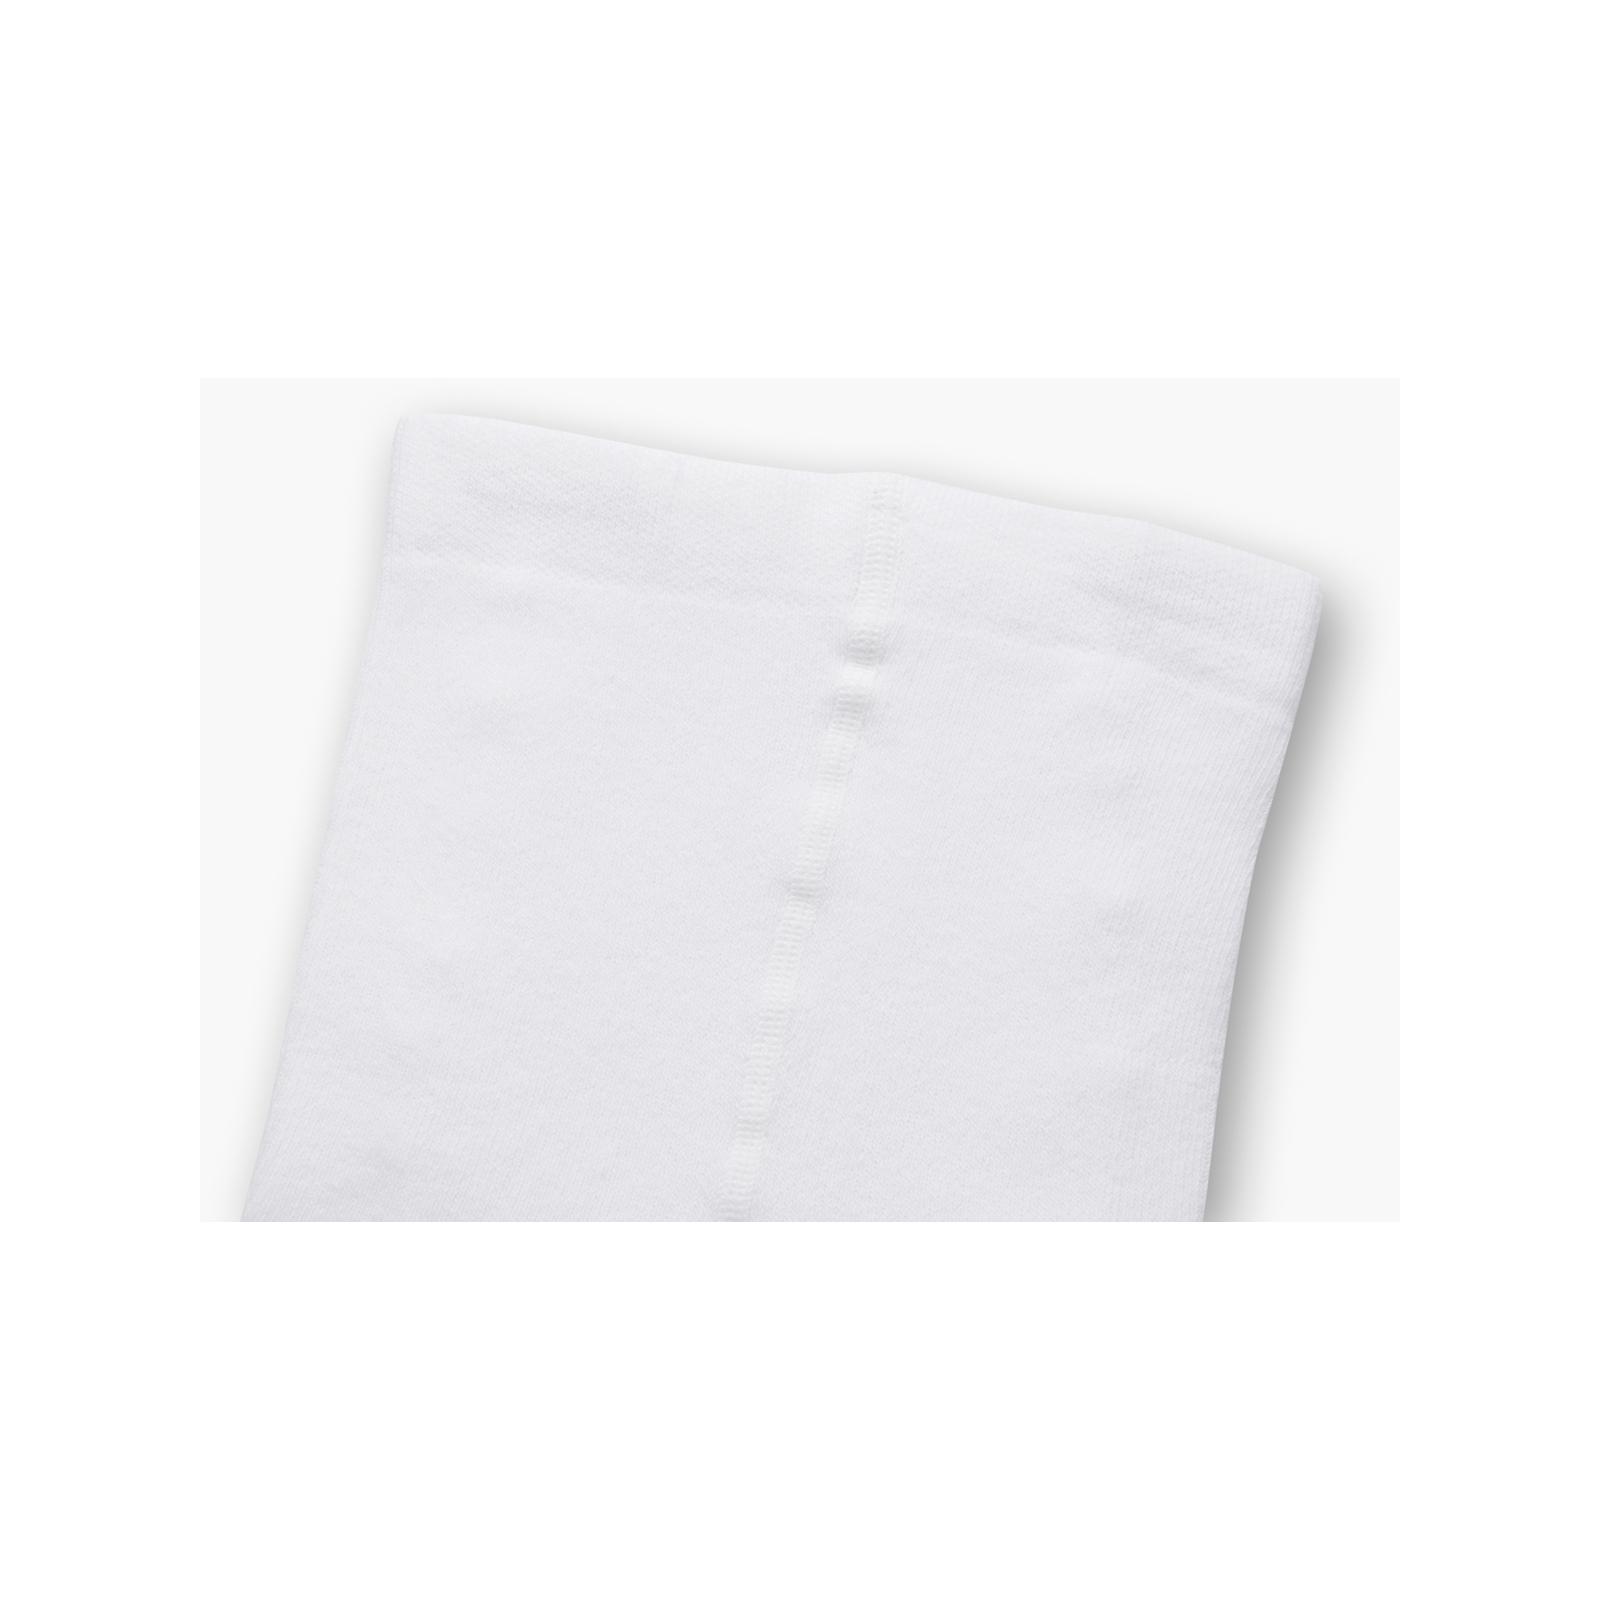 Колготки Bross с божьими коровками белые (12194-3-5G-white) изображение 3